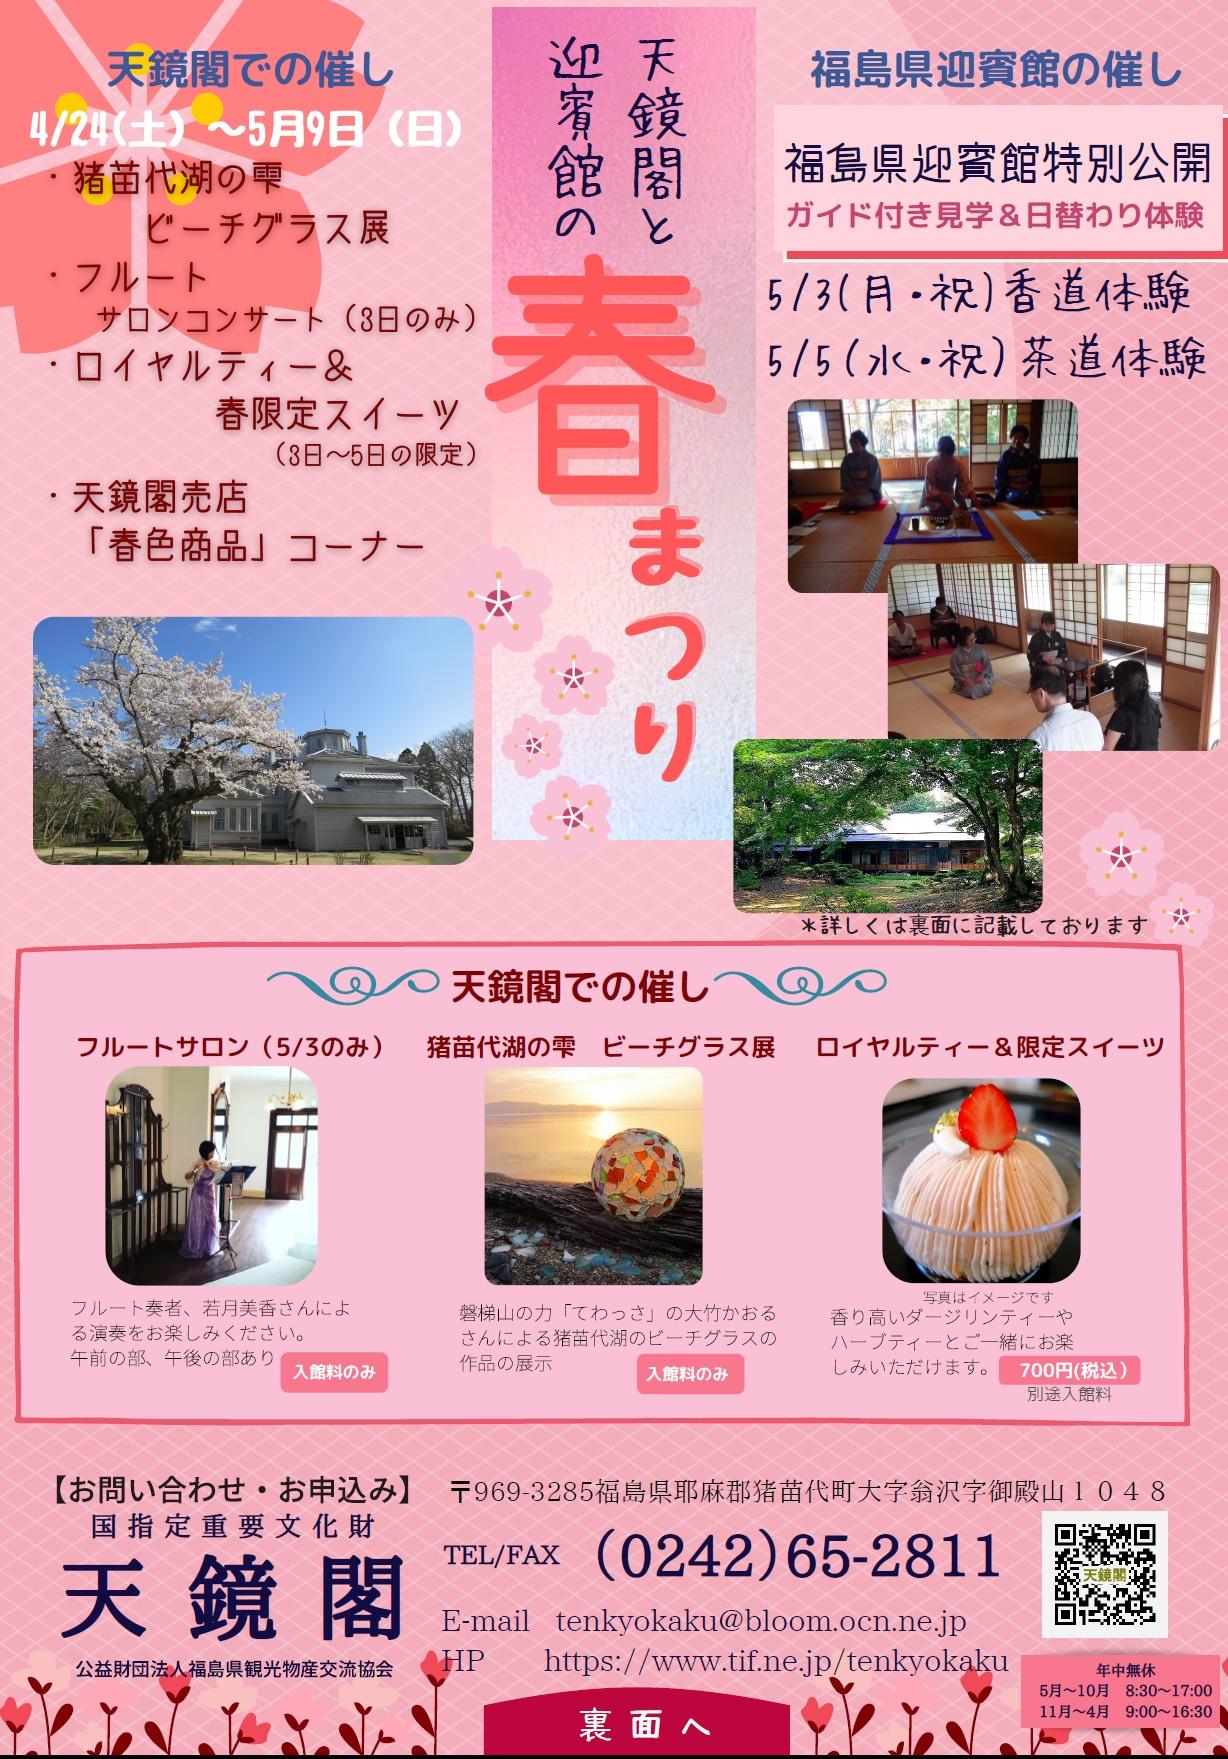 4/24~5/9「天鏡閣と迎賓館の春まつり」開催!